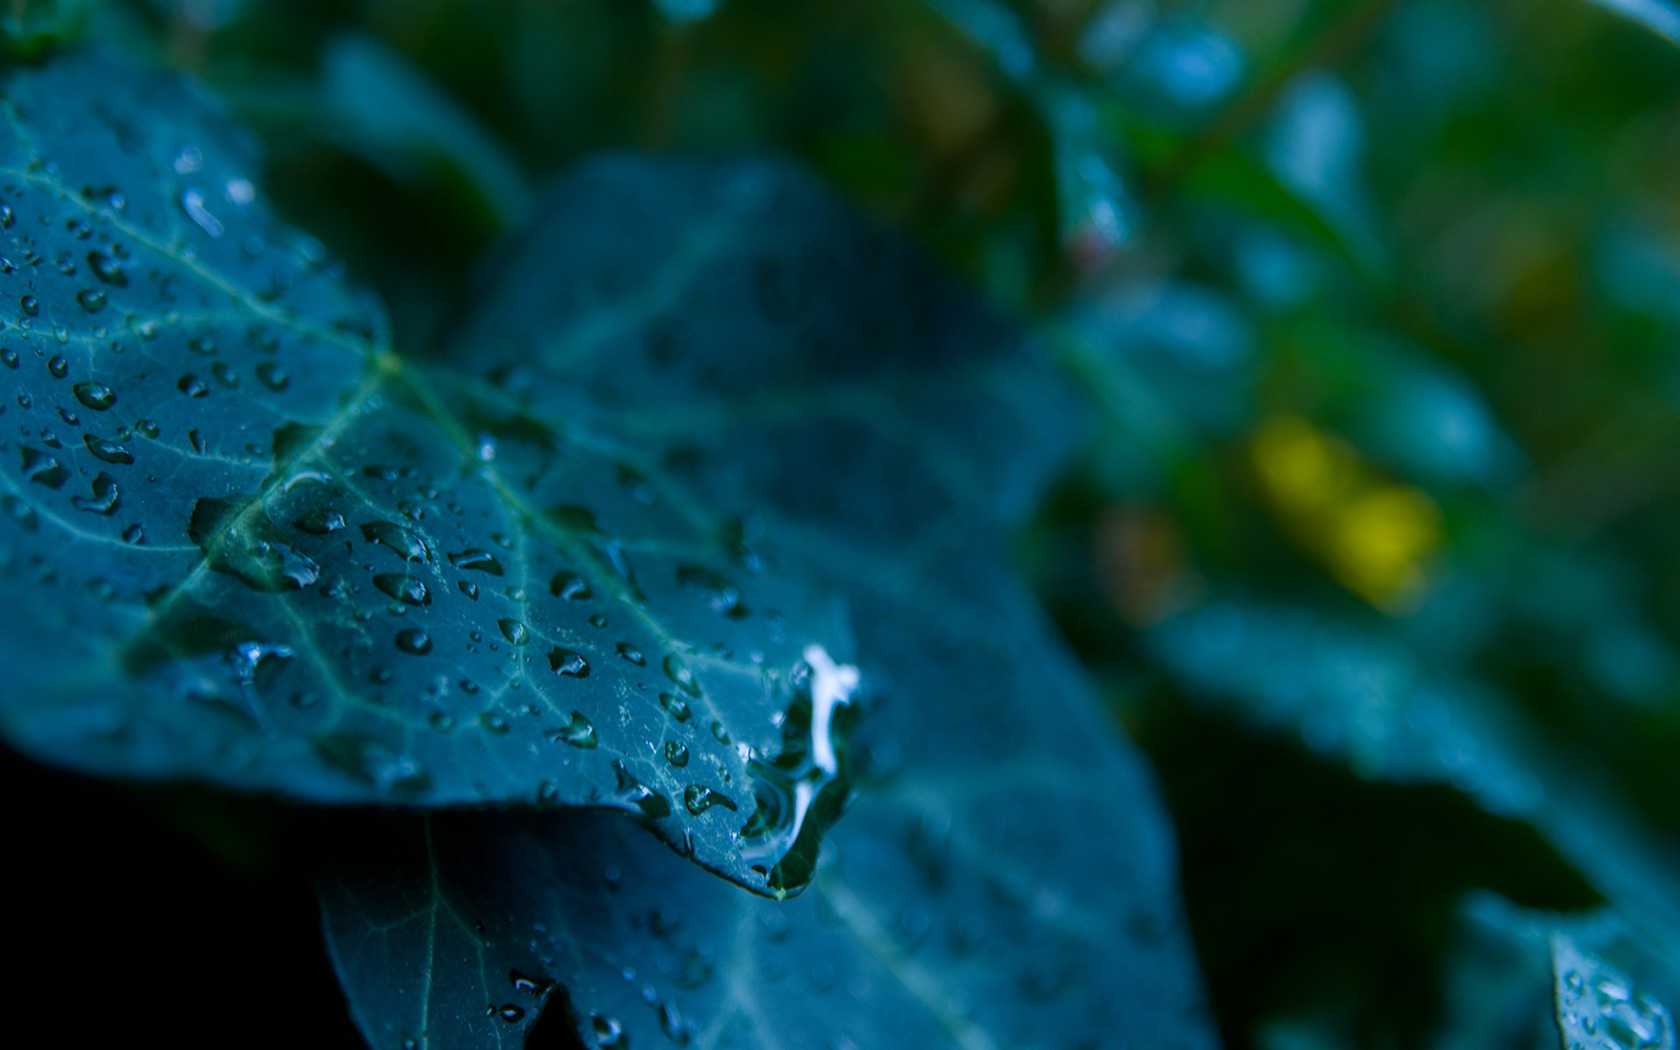 raindrops 39892